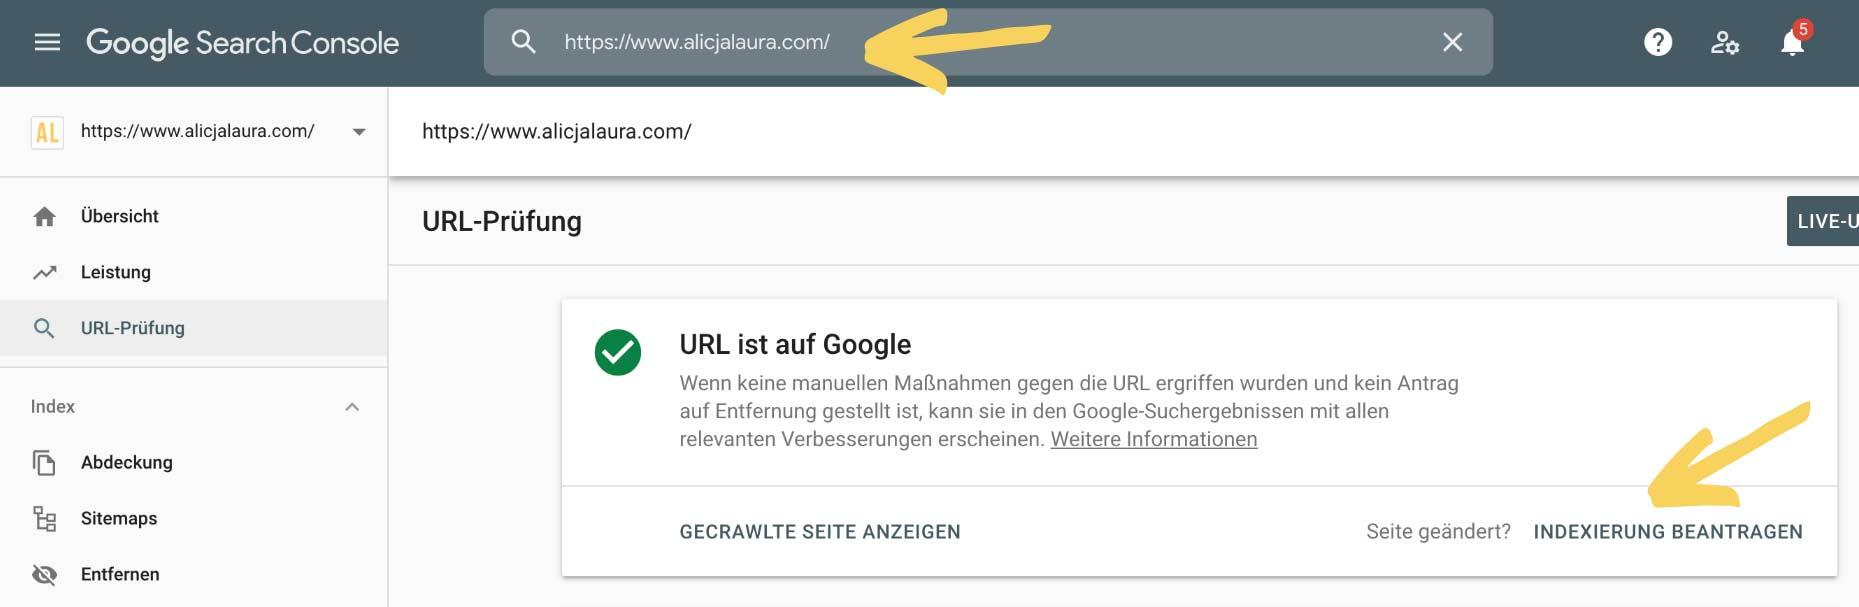 Indexierung beantragen mit Google Search Console